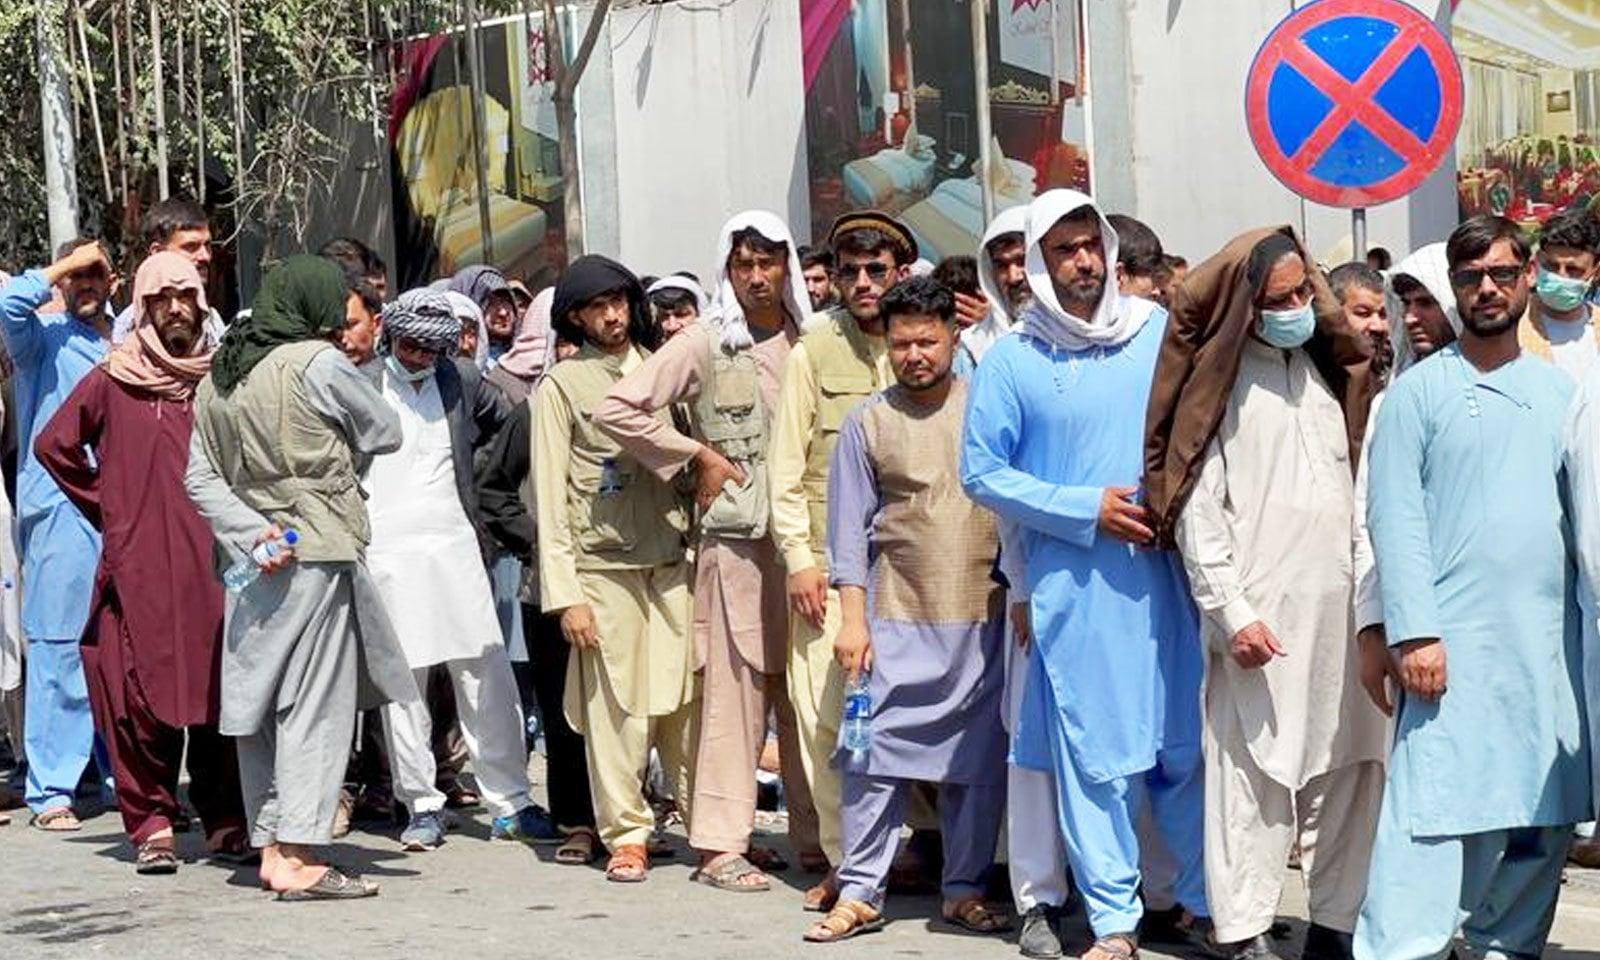 لوگ یکم ستمبر کو کابل کے ایک بینک کے باہر رقم کے حصول کے لیے قطار میں کھڑے ہوئے ہیں—فوٹو: رائٹرز